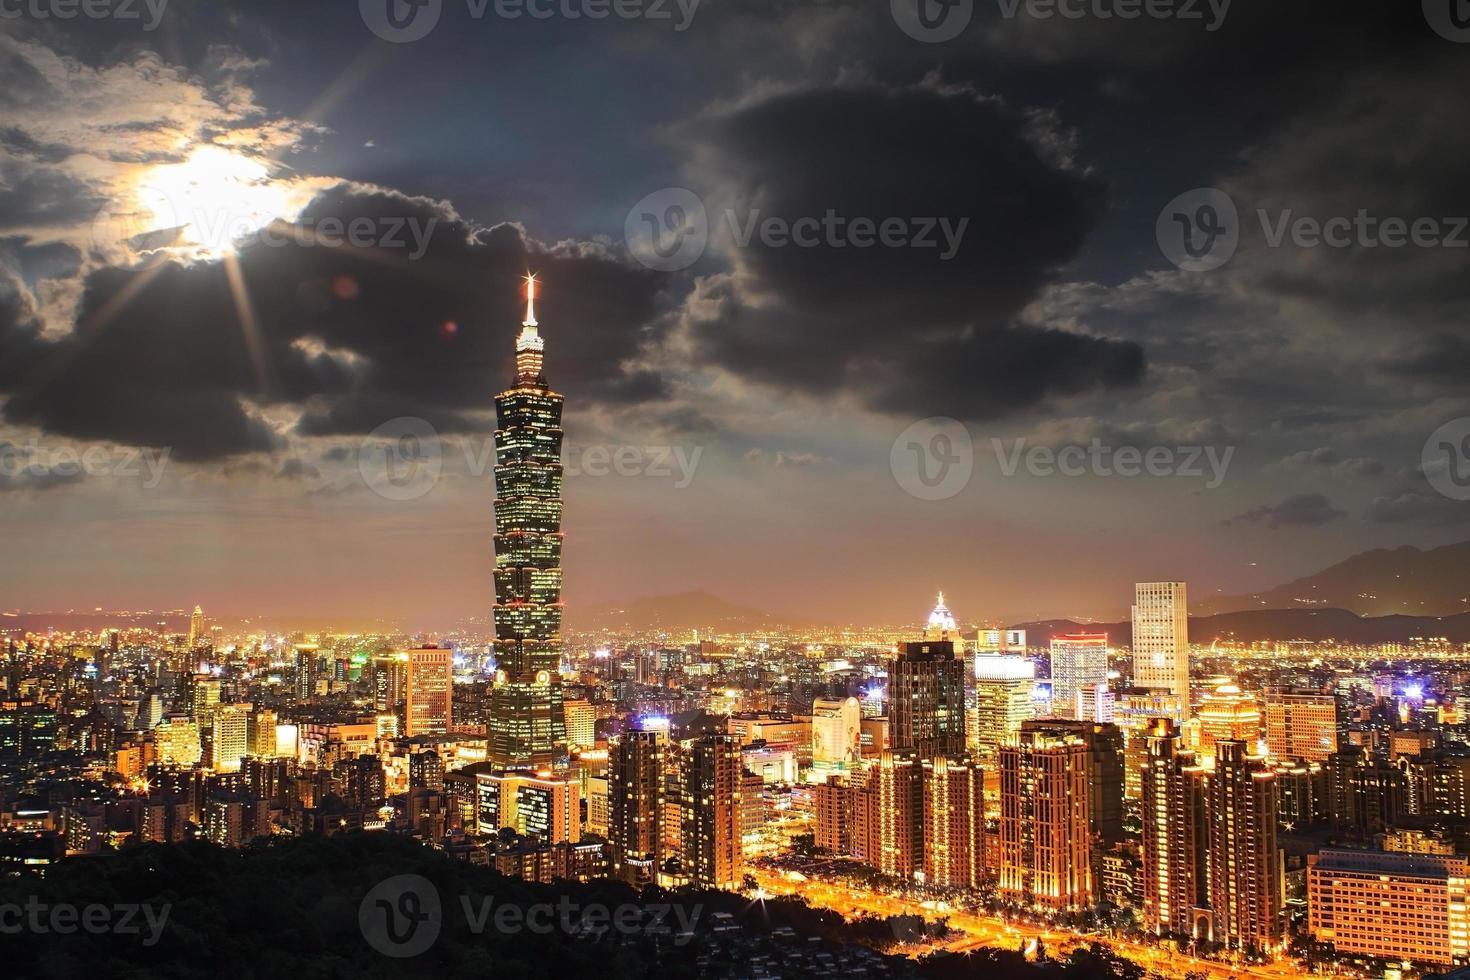 volledig zicht op de stad taipei foto